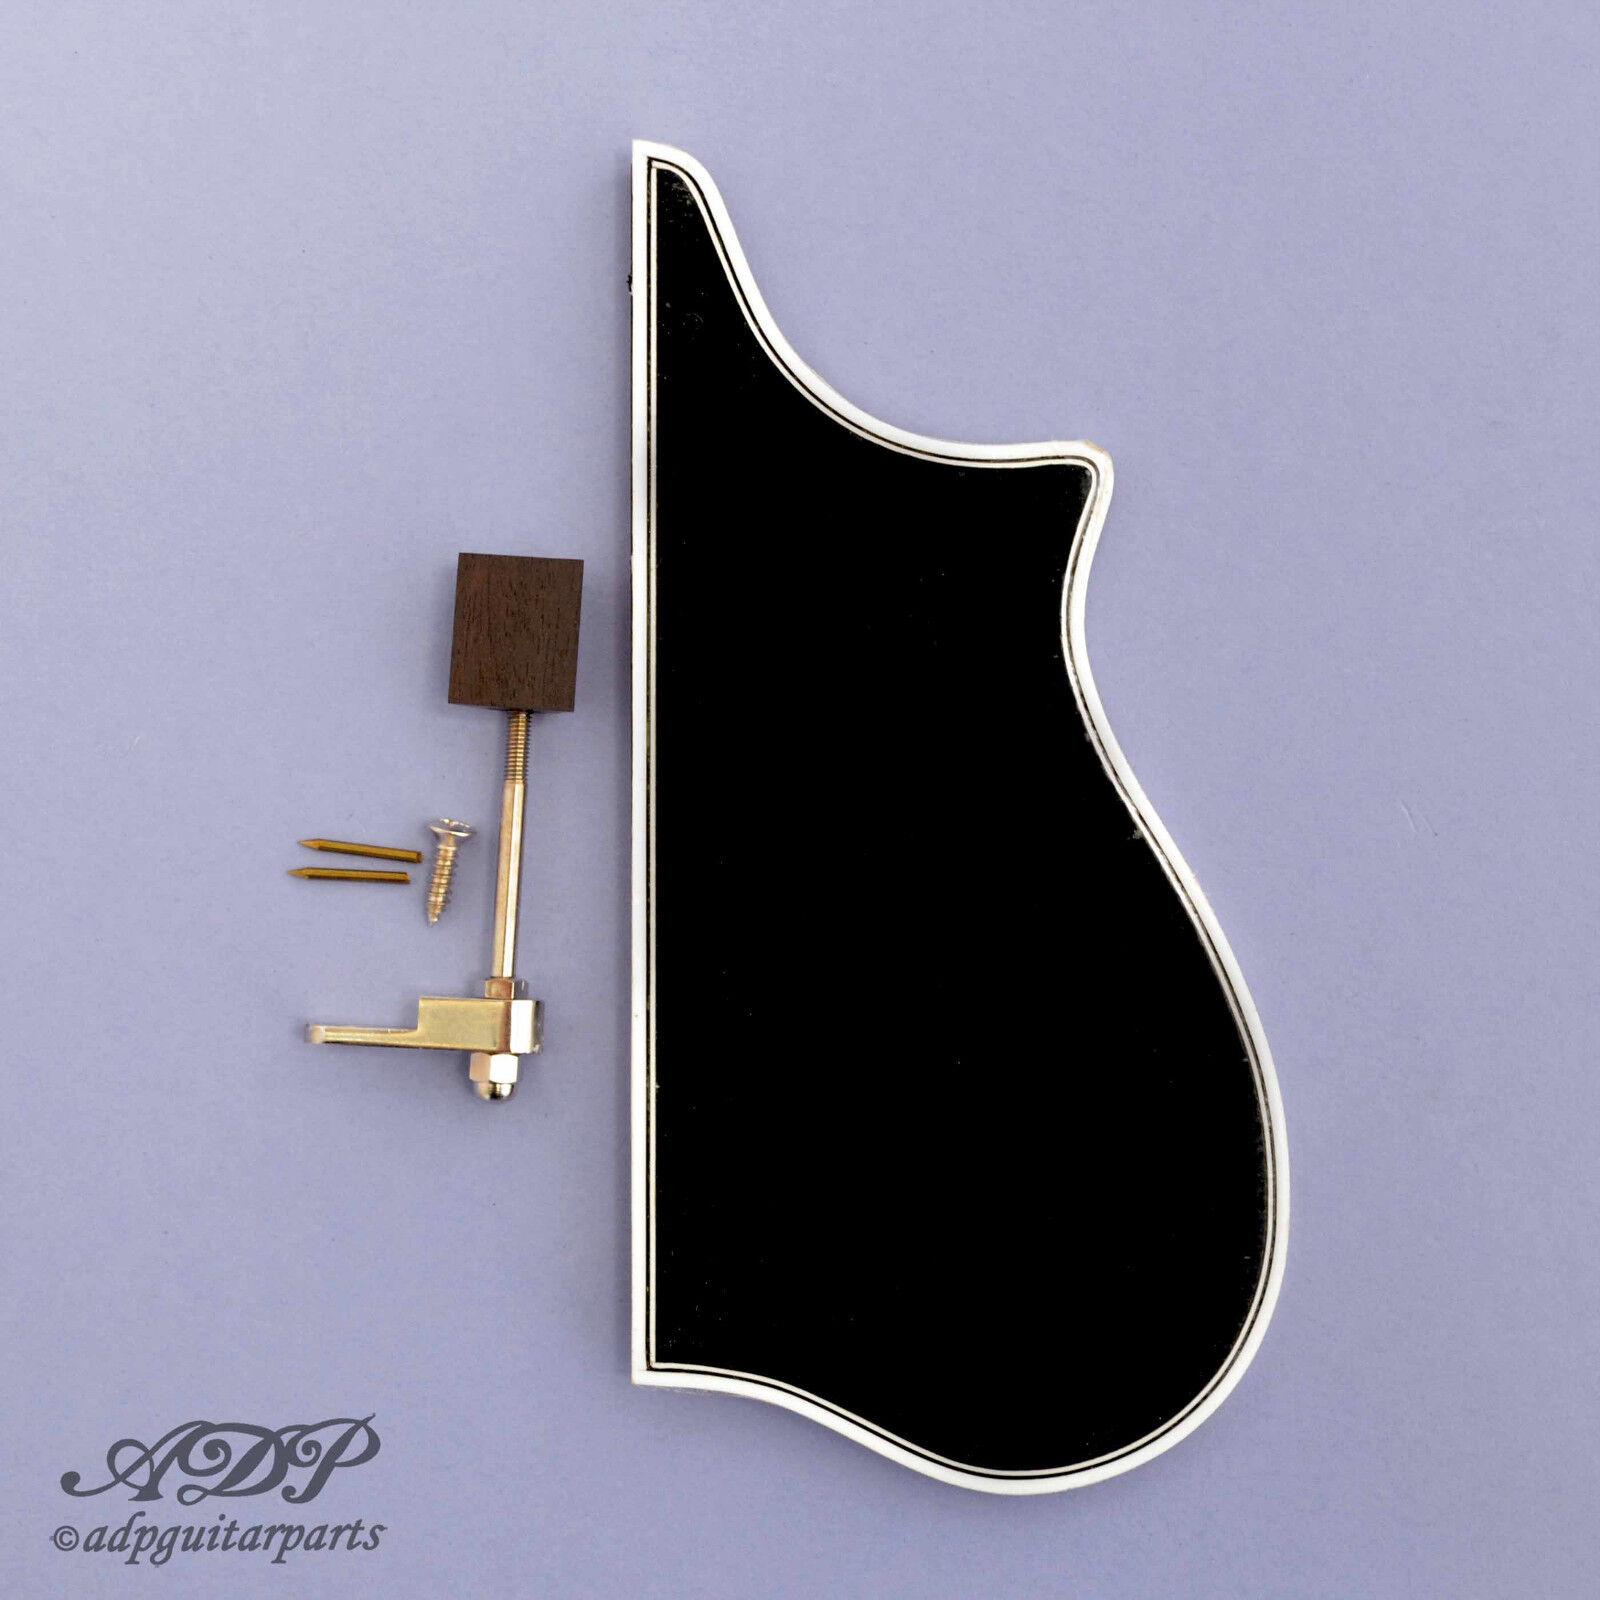 migliore vendita Mandolin Pickguard replacement F-Style Gibson nero 3-ply Binding +Bracket PG-2F PG-2F PG-2F  spedizione veloce a te